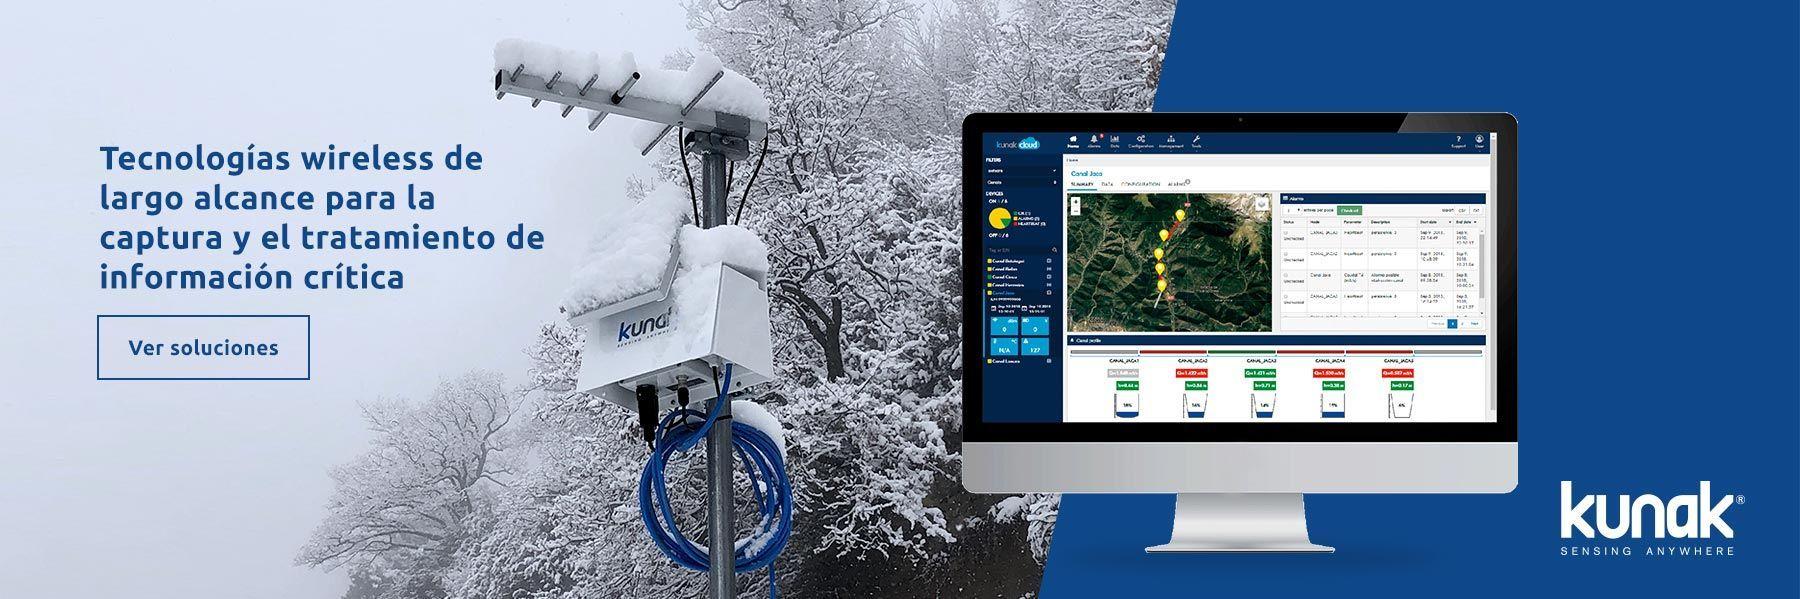 Tecnologías wireless de largo alcance para la captura y el tratamiento de información crítica